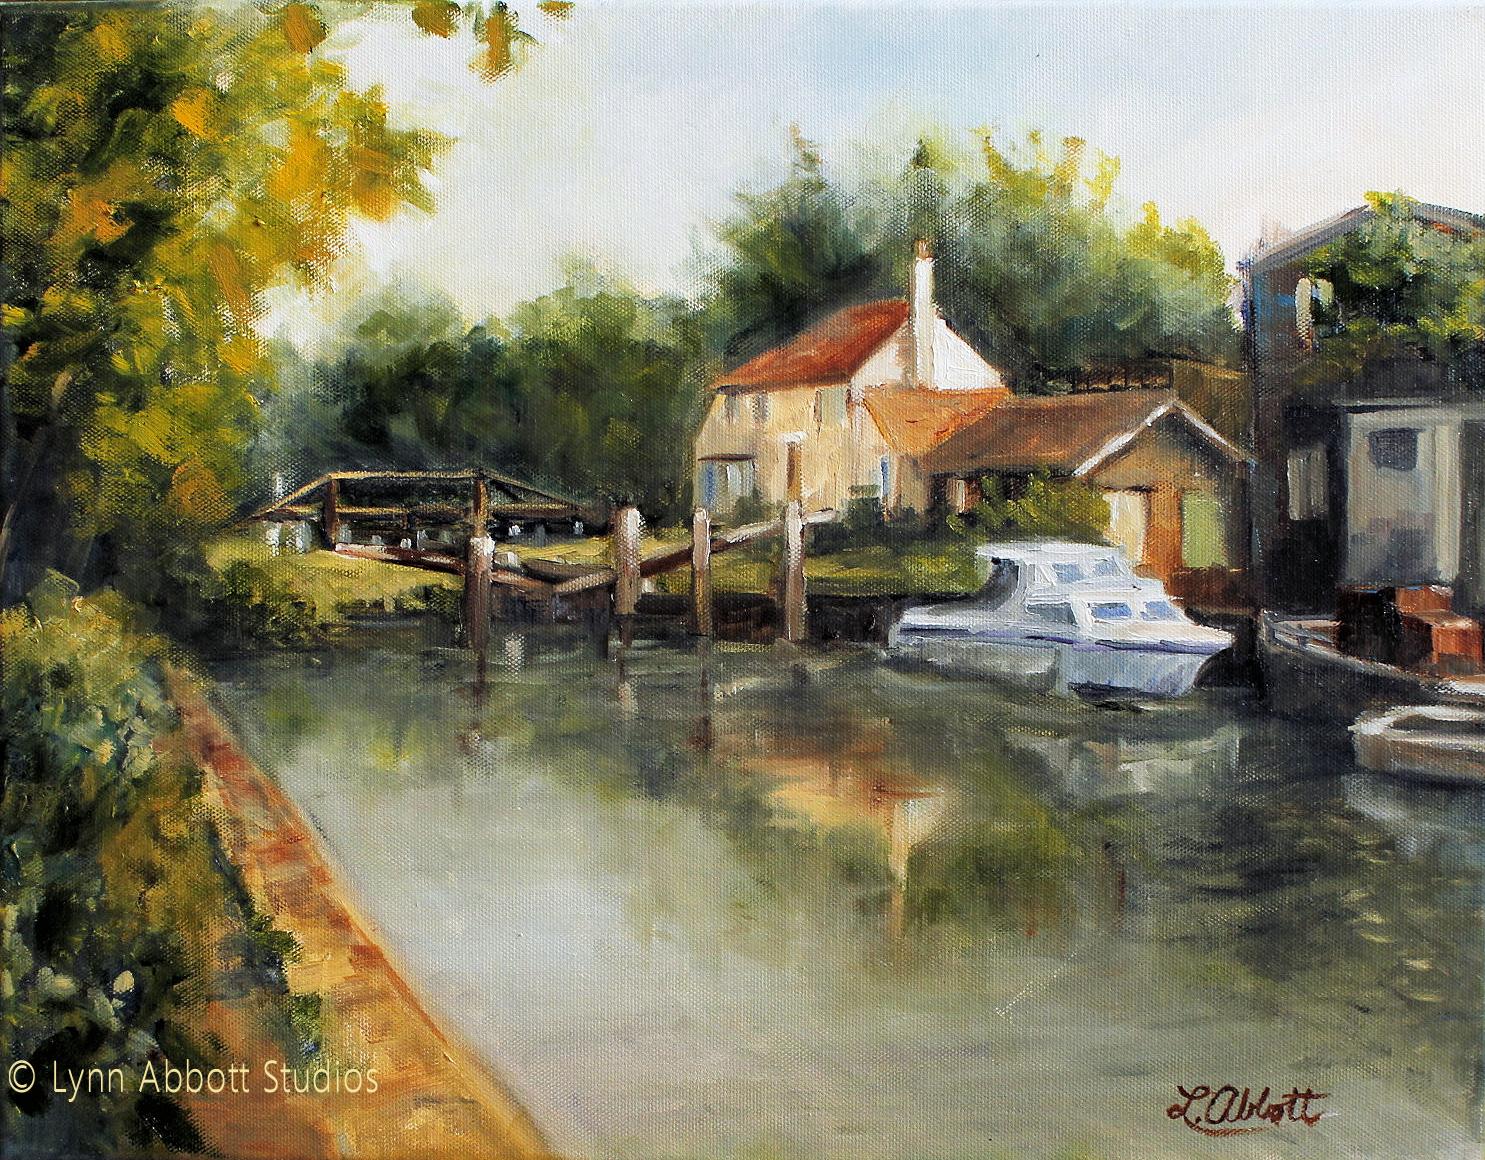 Lock-Keeper's Cottage, Lynn Abbott